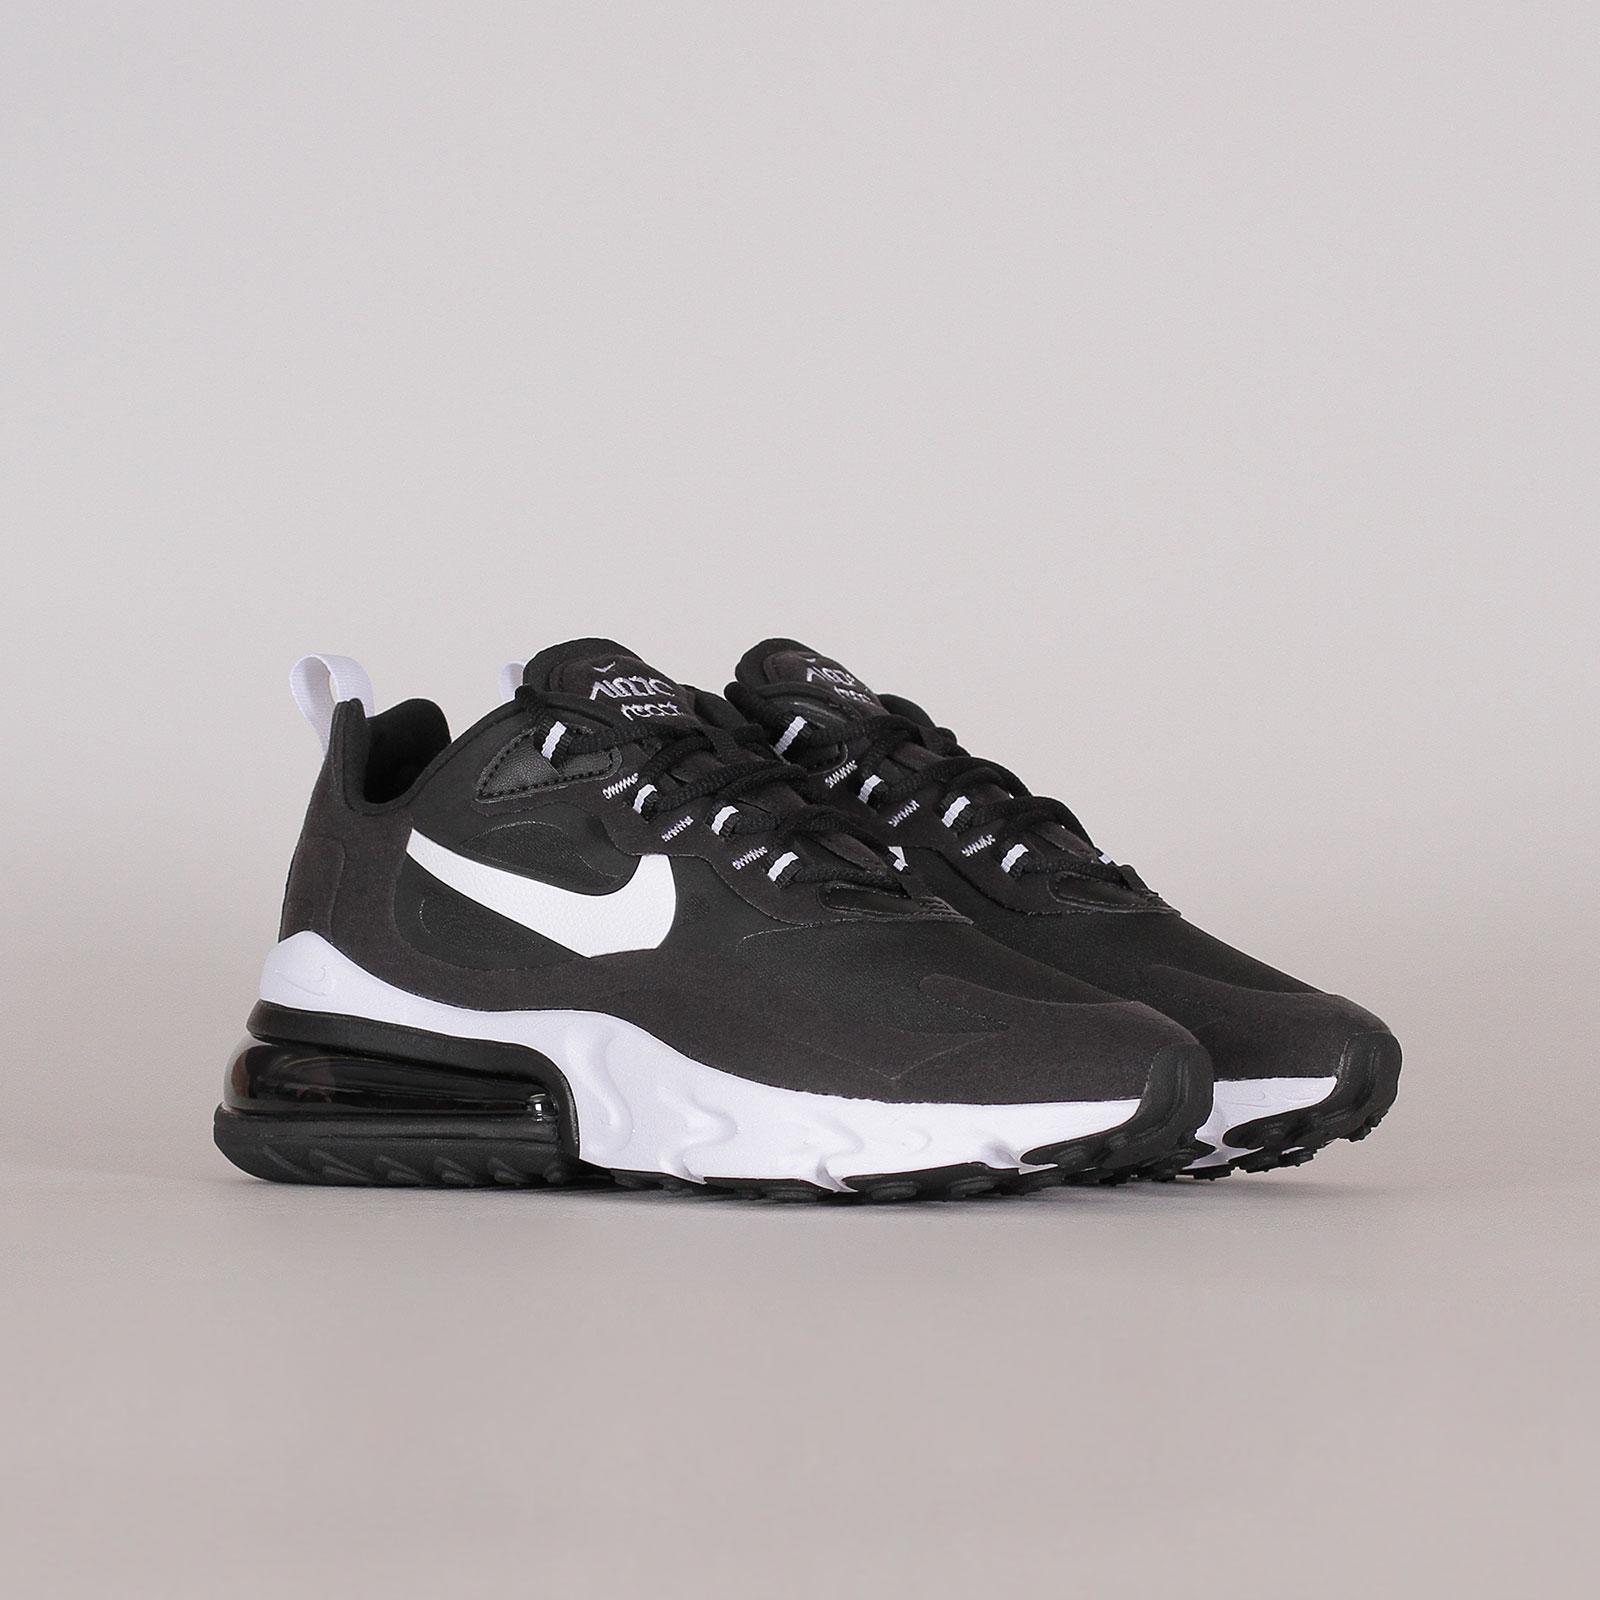 Nike Womens Air Max 270 React At6174 004 Shelta